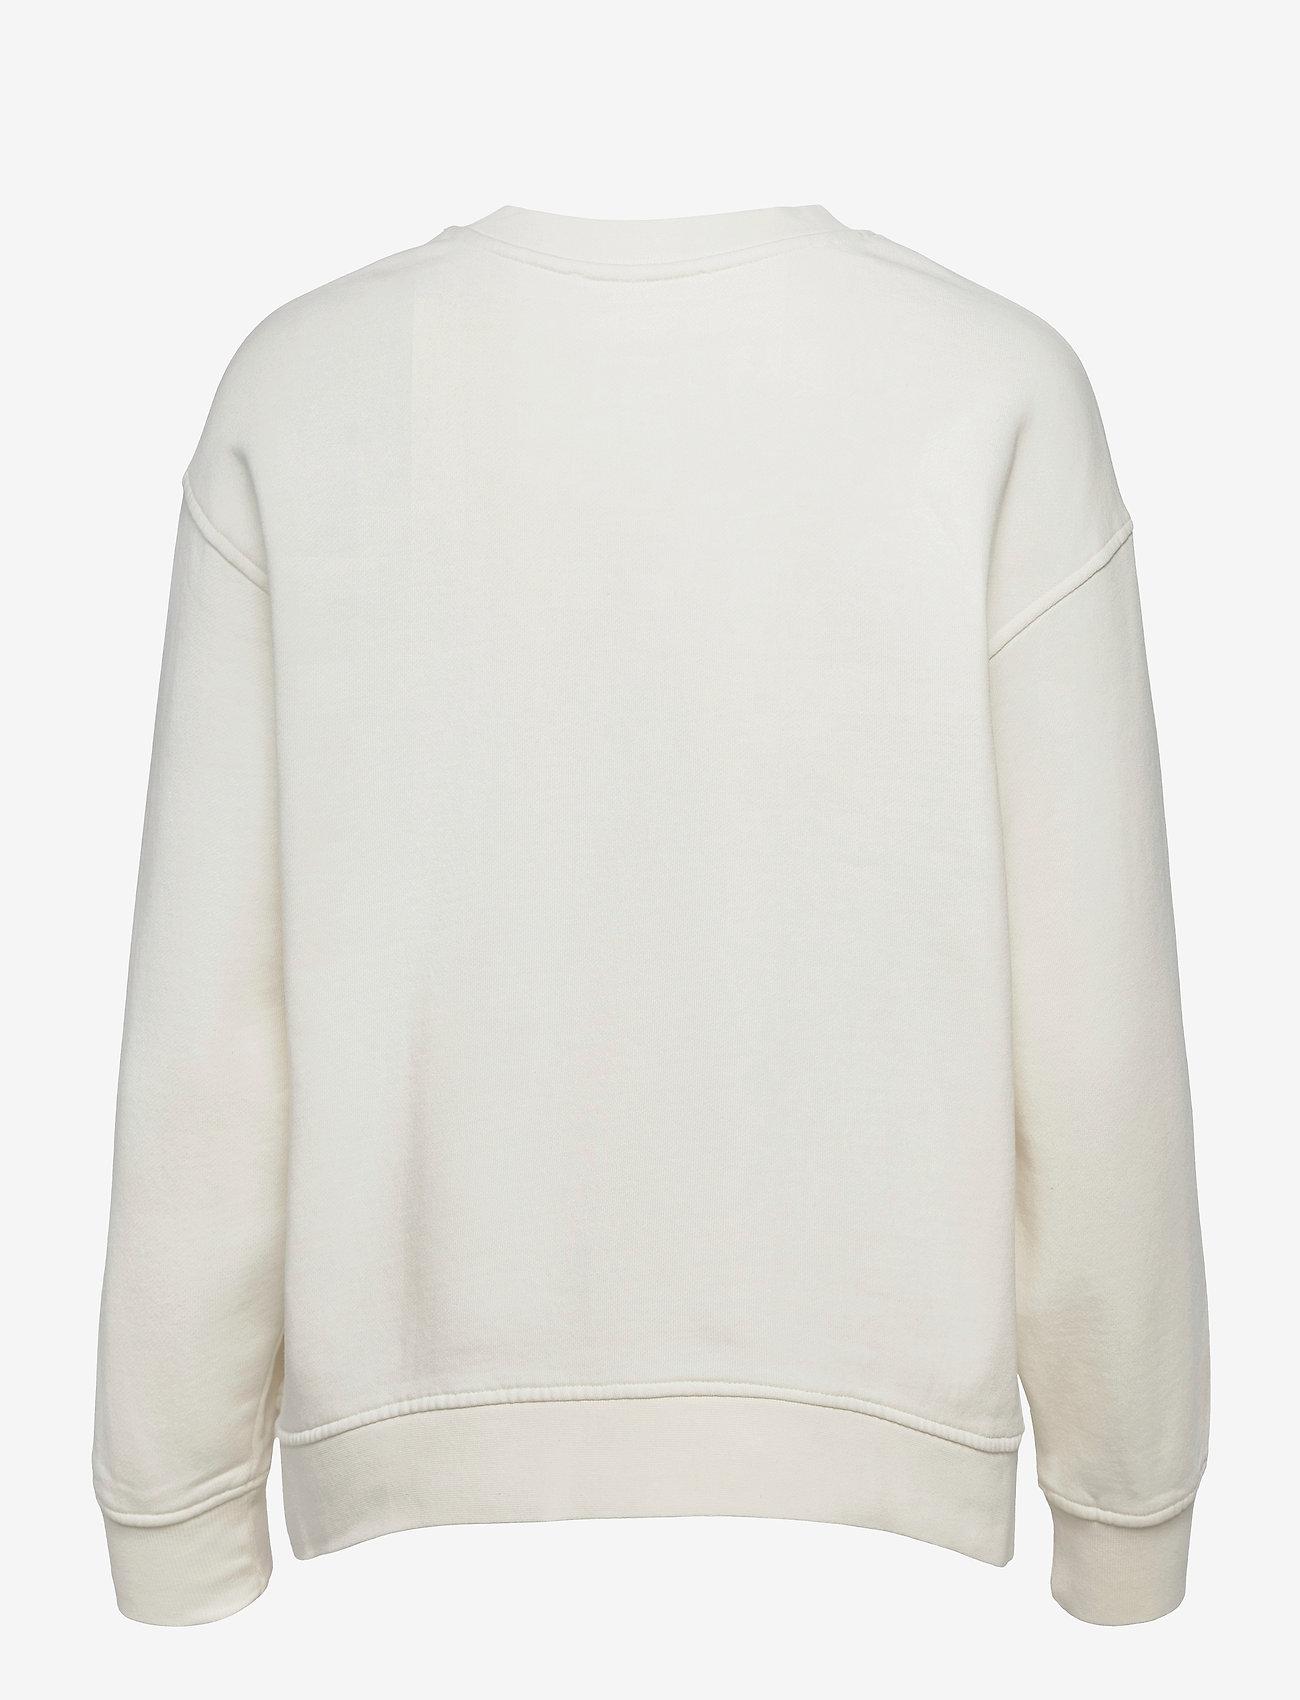 Selected Femme - SLFSTASIE LSWEAT - sweatshirts & hoodies - pristine - 1